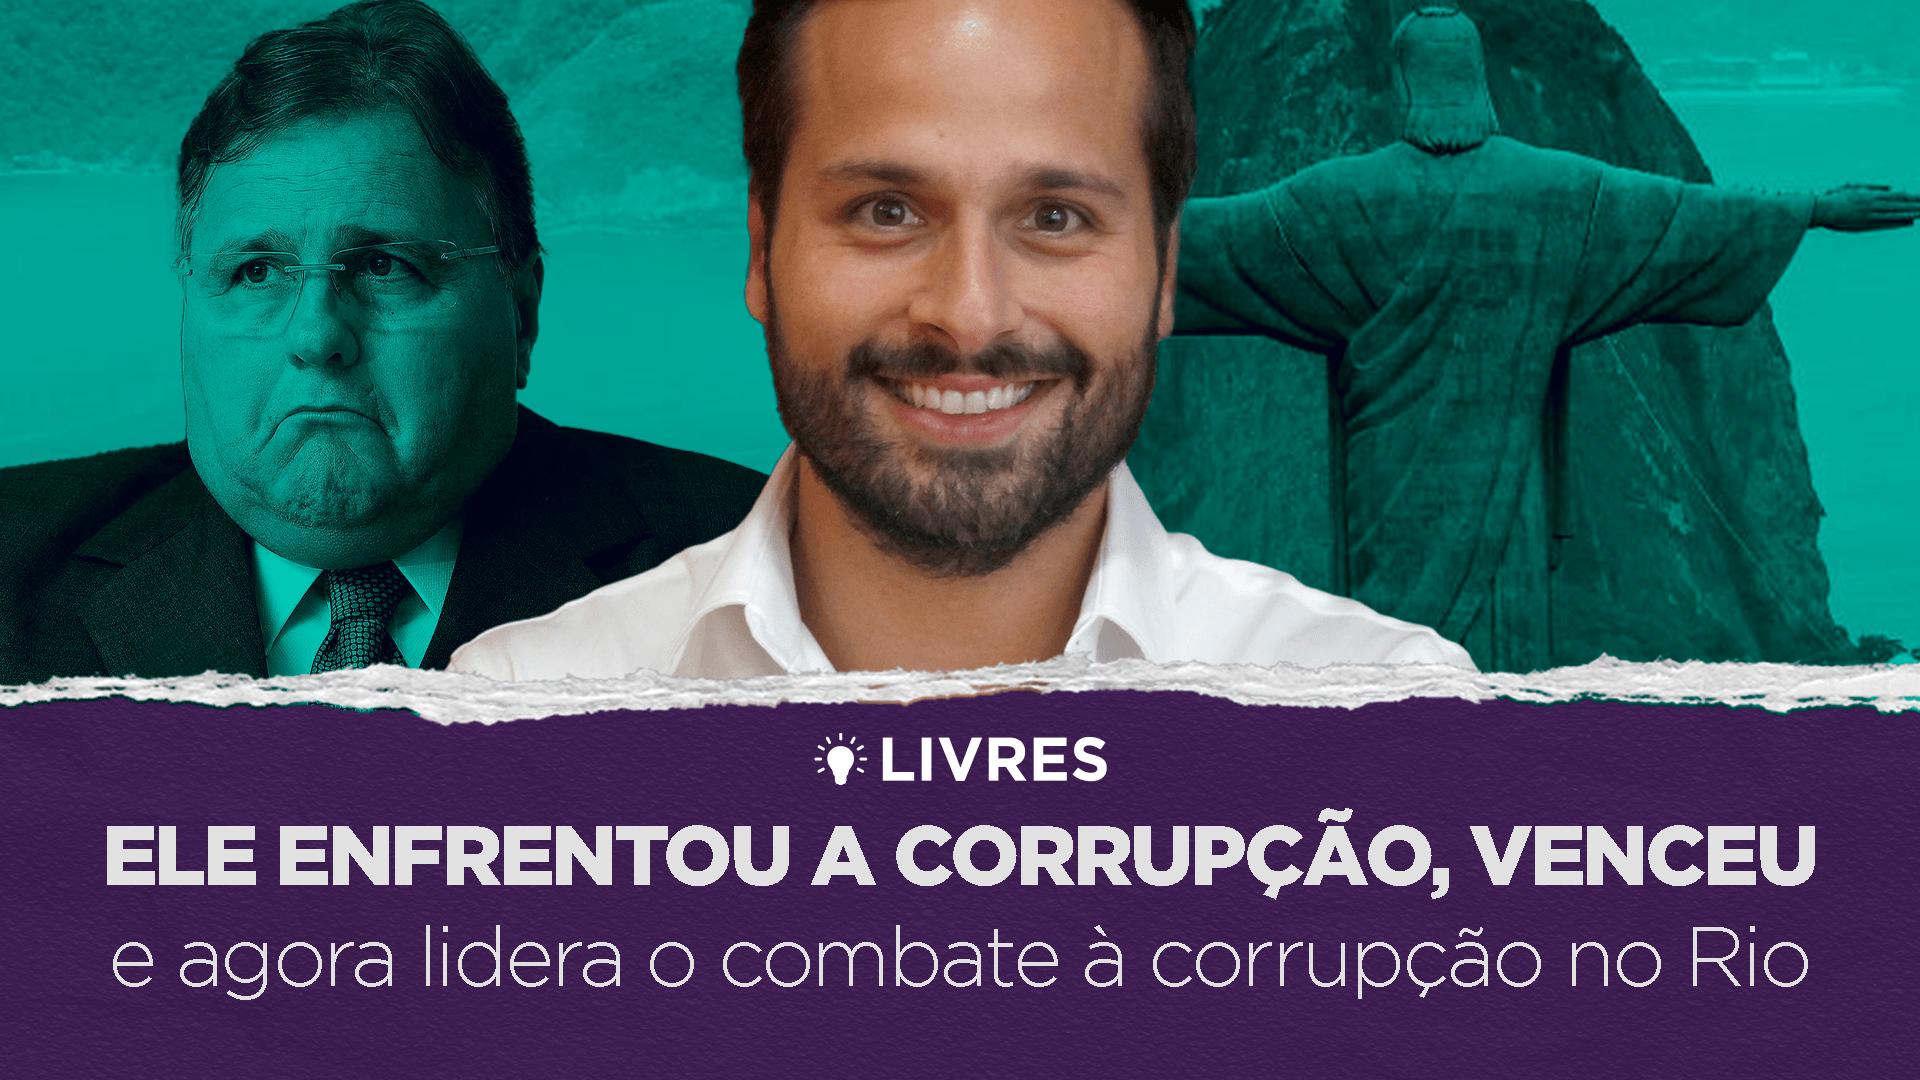 O COMBATE À CORRUPÇÃO NO RIO DE JANEIRO – LivresCast com Marcelo Calero